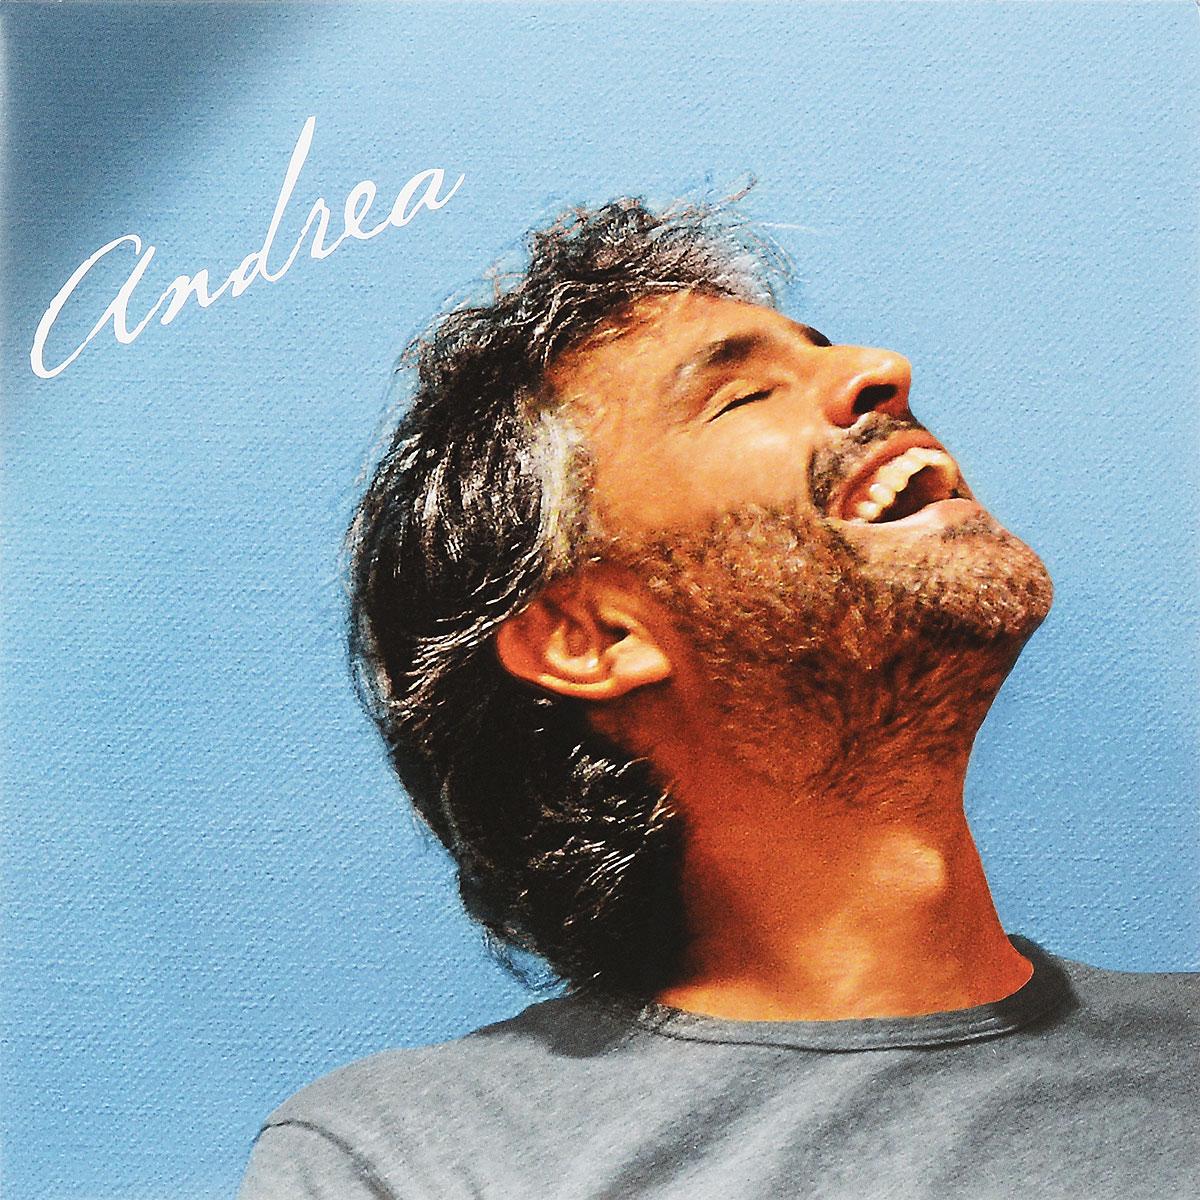 Издание содержит 20-страничный буклет с текстами песен на французском языке.